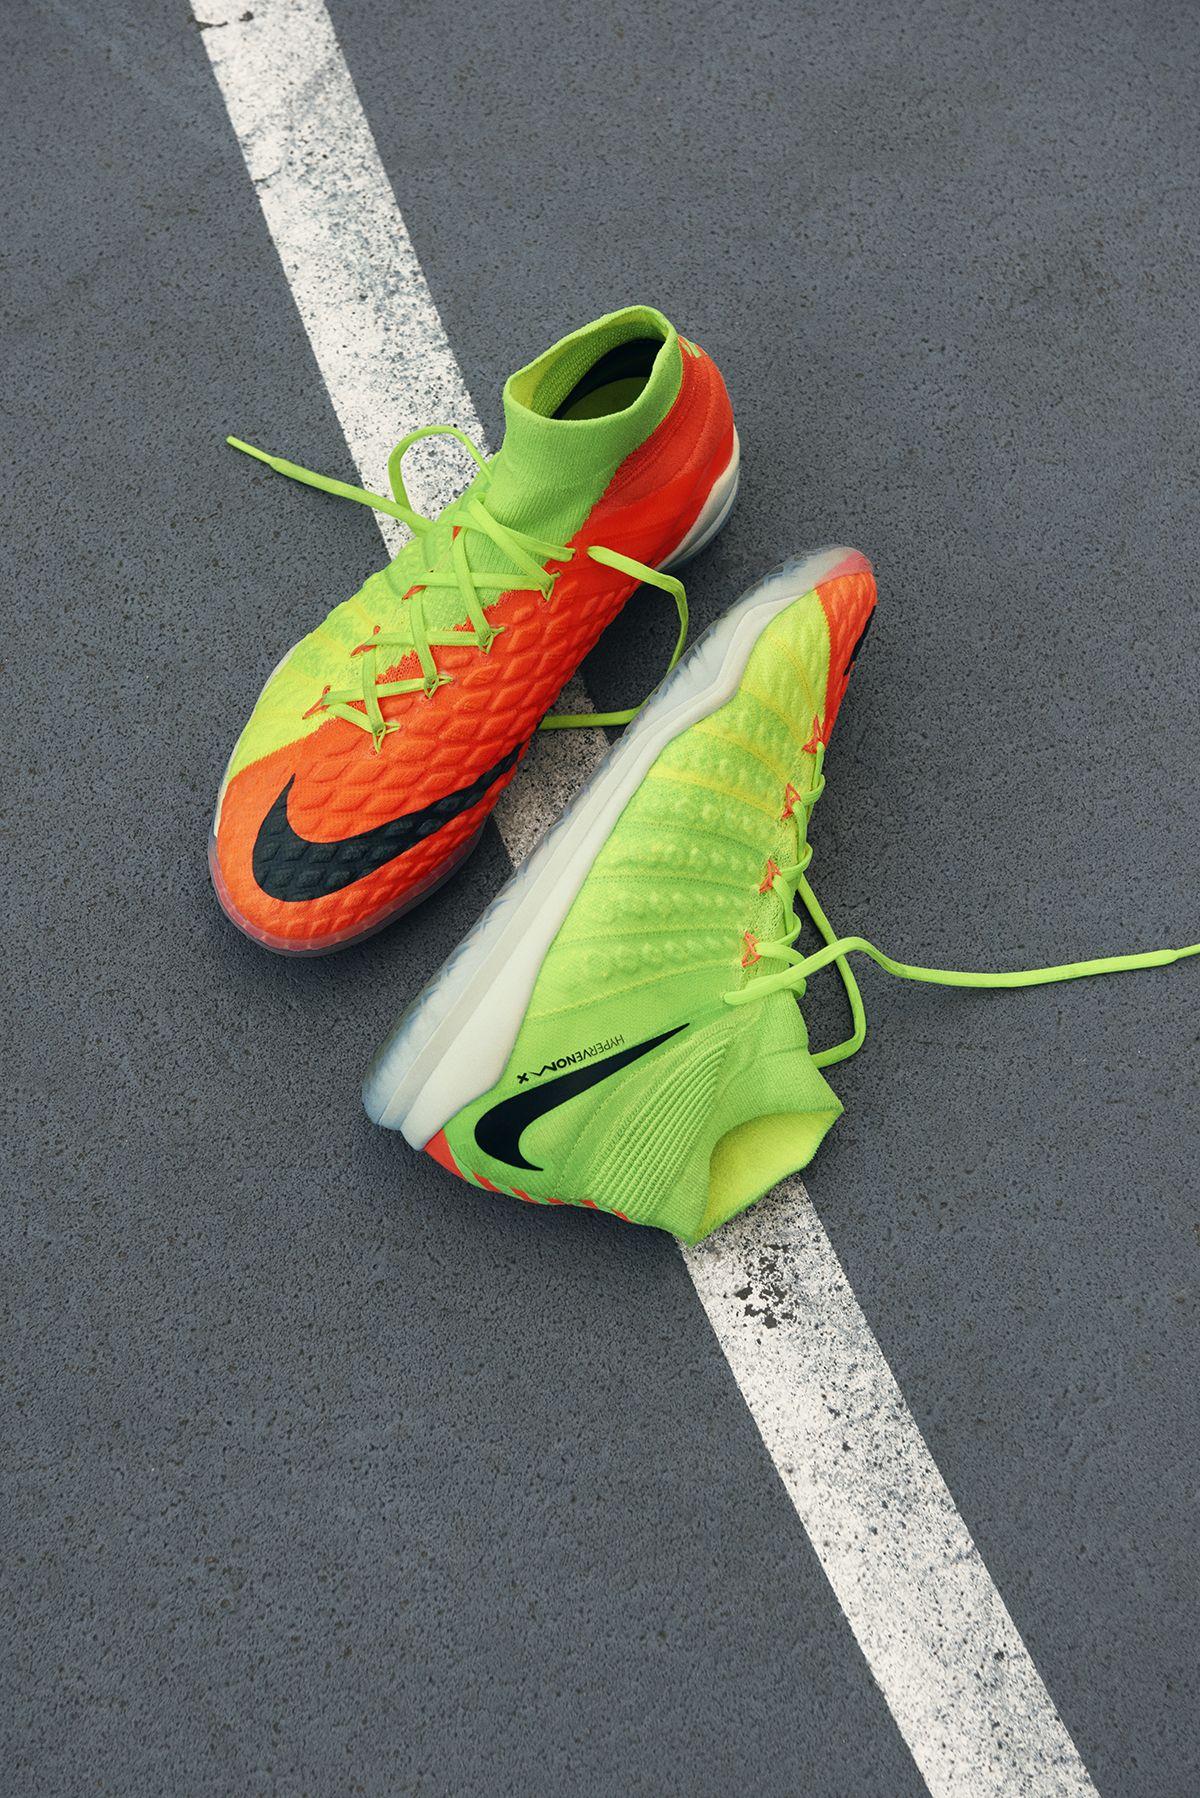 Prefijo toxicidad oasis  Nike Hypervenom 3: